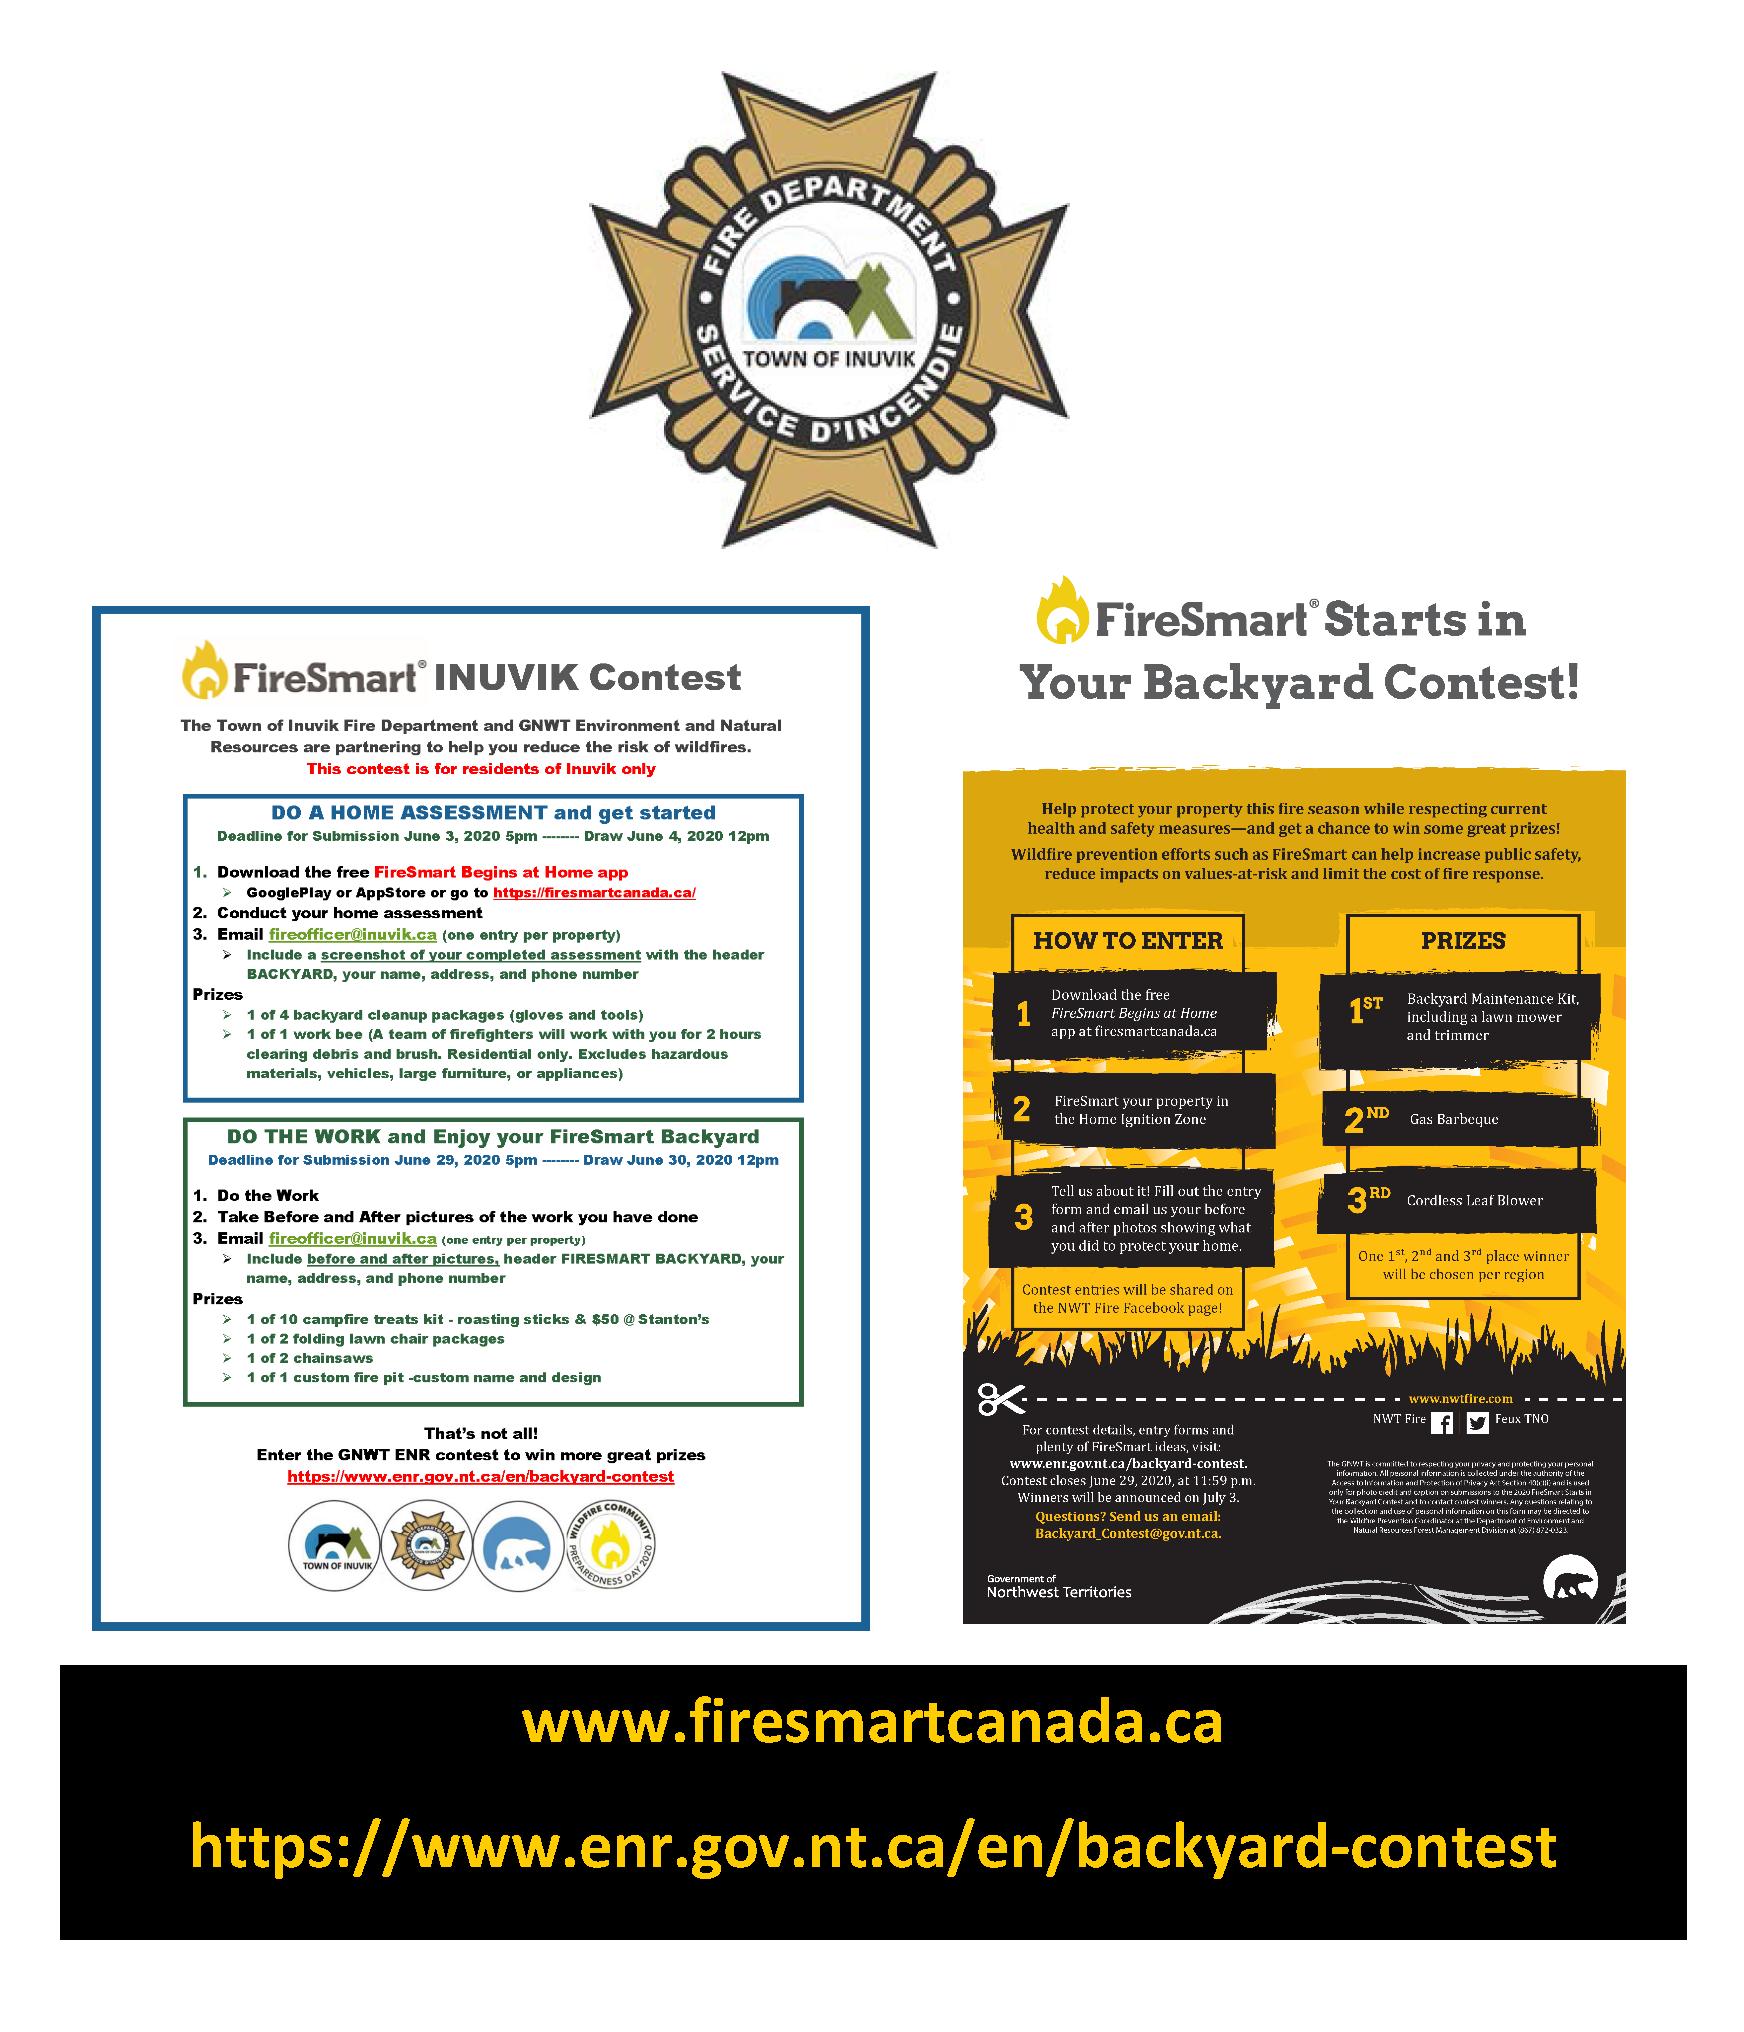 Firesmart Contest